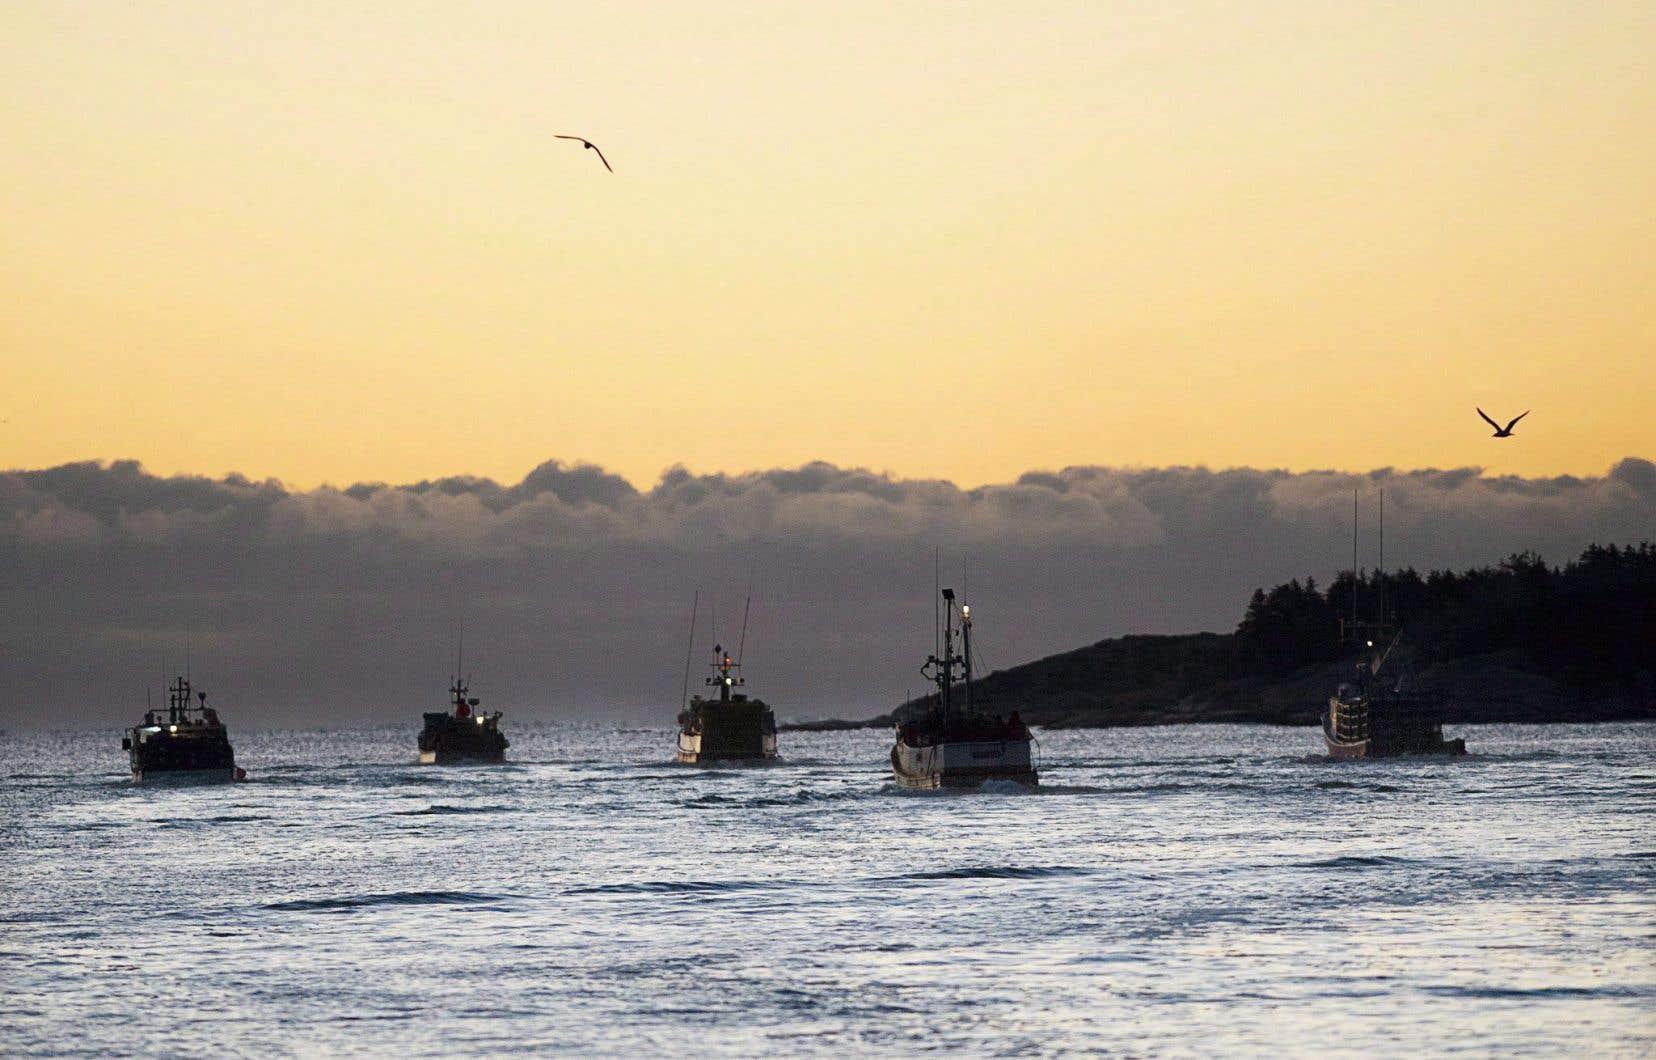 Les pêcheurs de homards pourraient perdre jusqu'à 25% de leurs revenus cette année en raison des importantes mesures de protection des baleines, selon le président de l'Union des pêcheurs, Carl Allen.